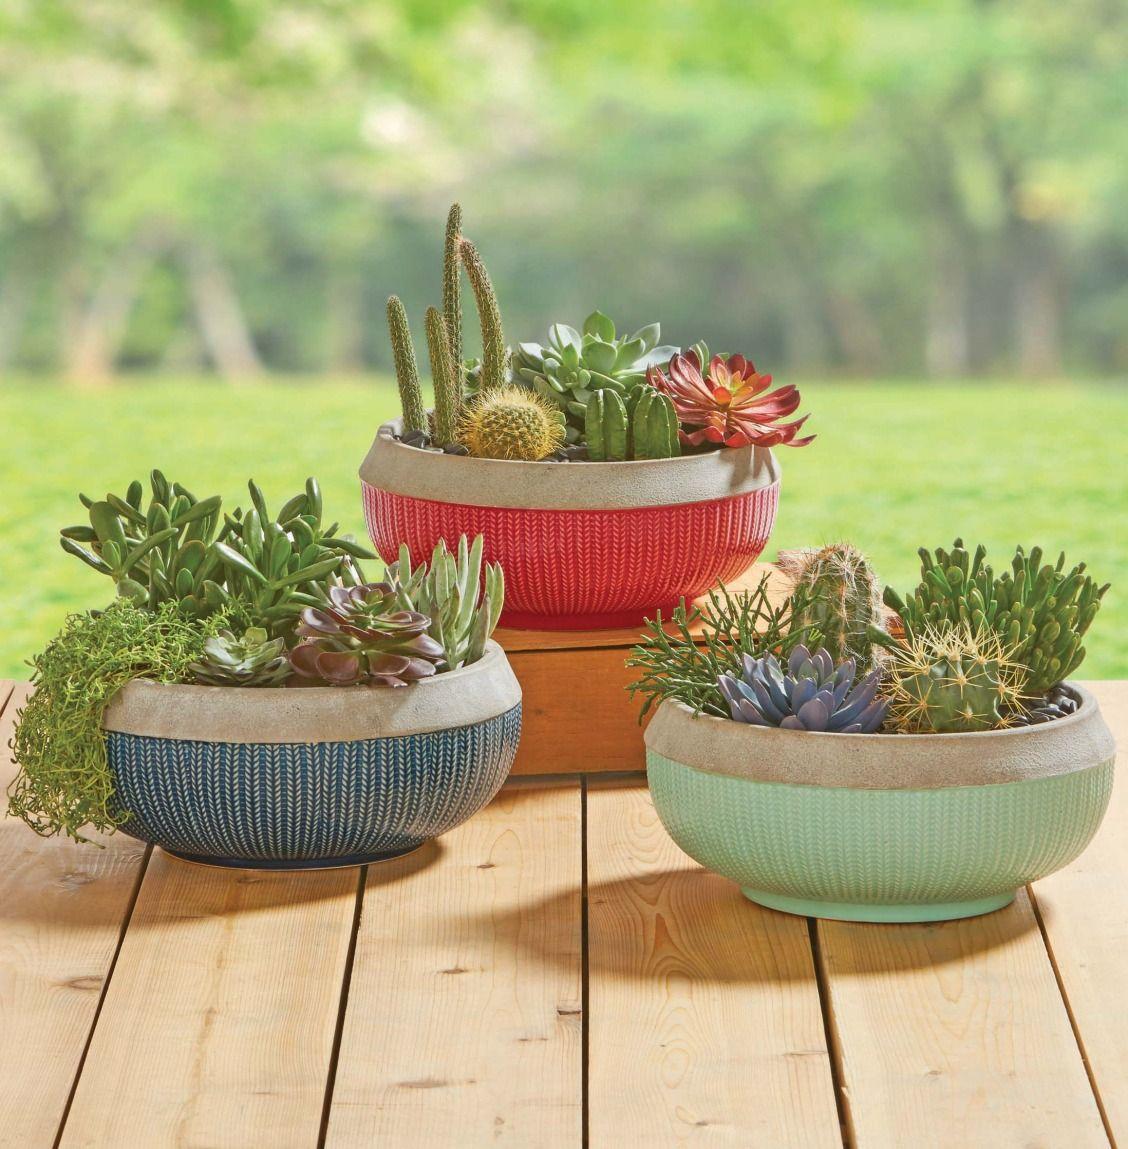 Better Homes Gardens 12 Teal Brookmonte Planter Walmart Com Garden Plant Pots Succulent Garden Indoor Planting Pot